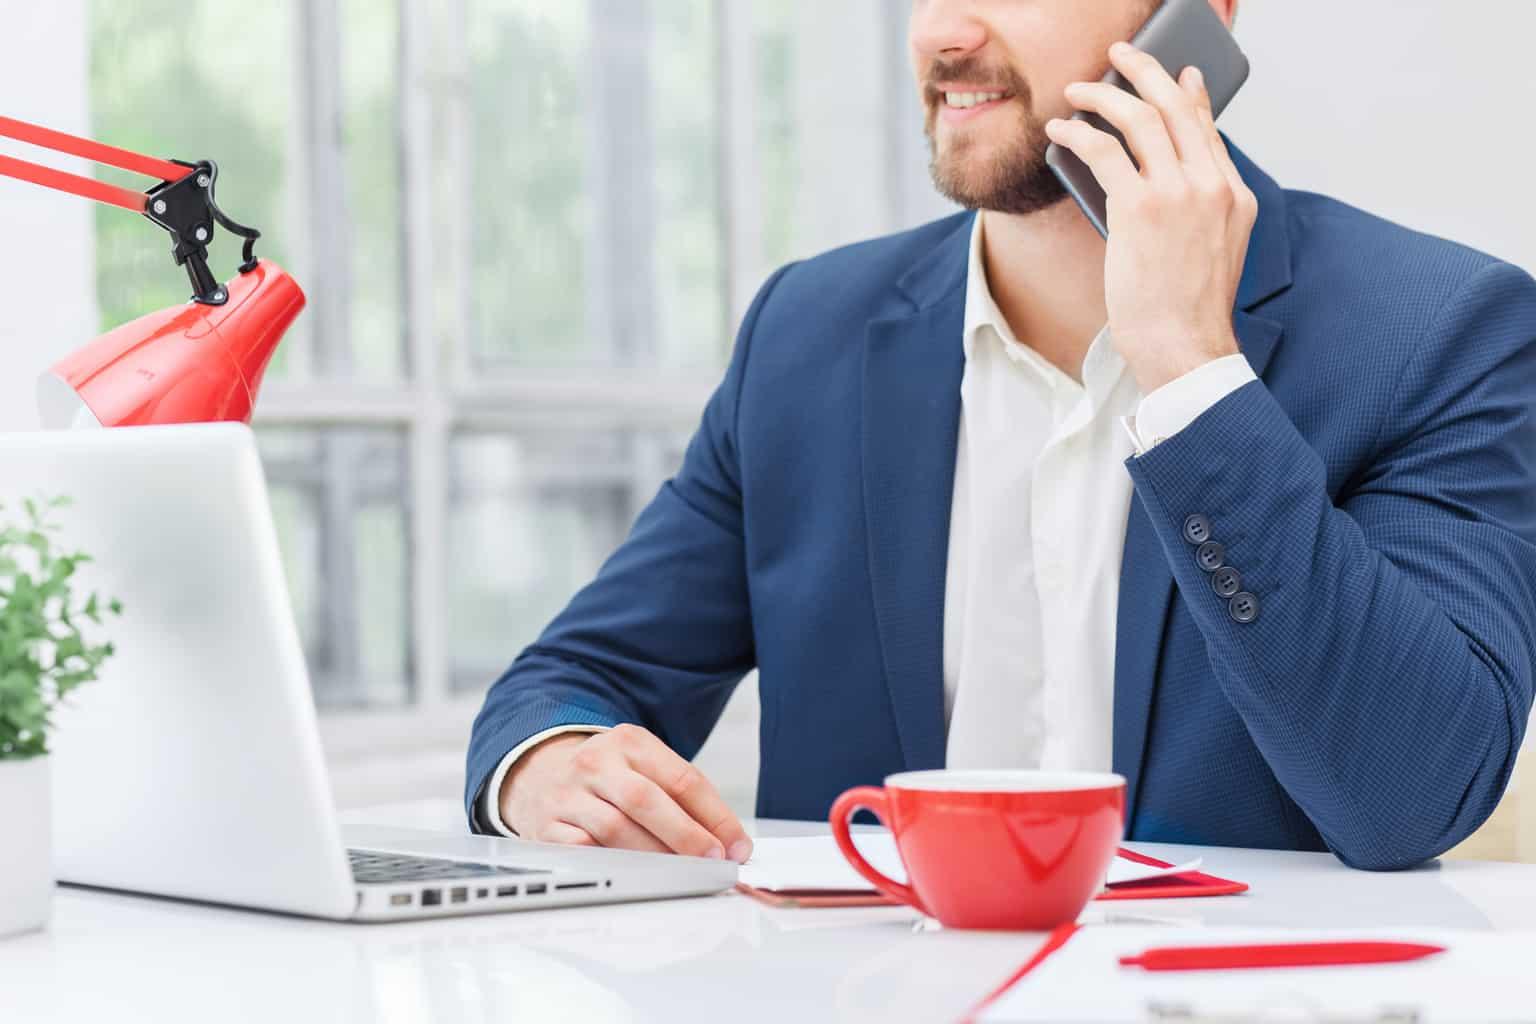 31歳の転職FAQ